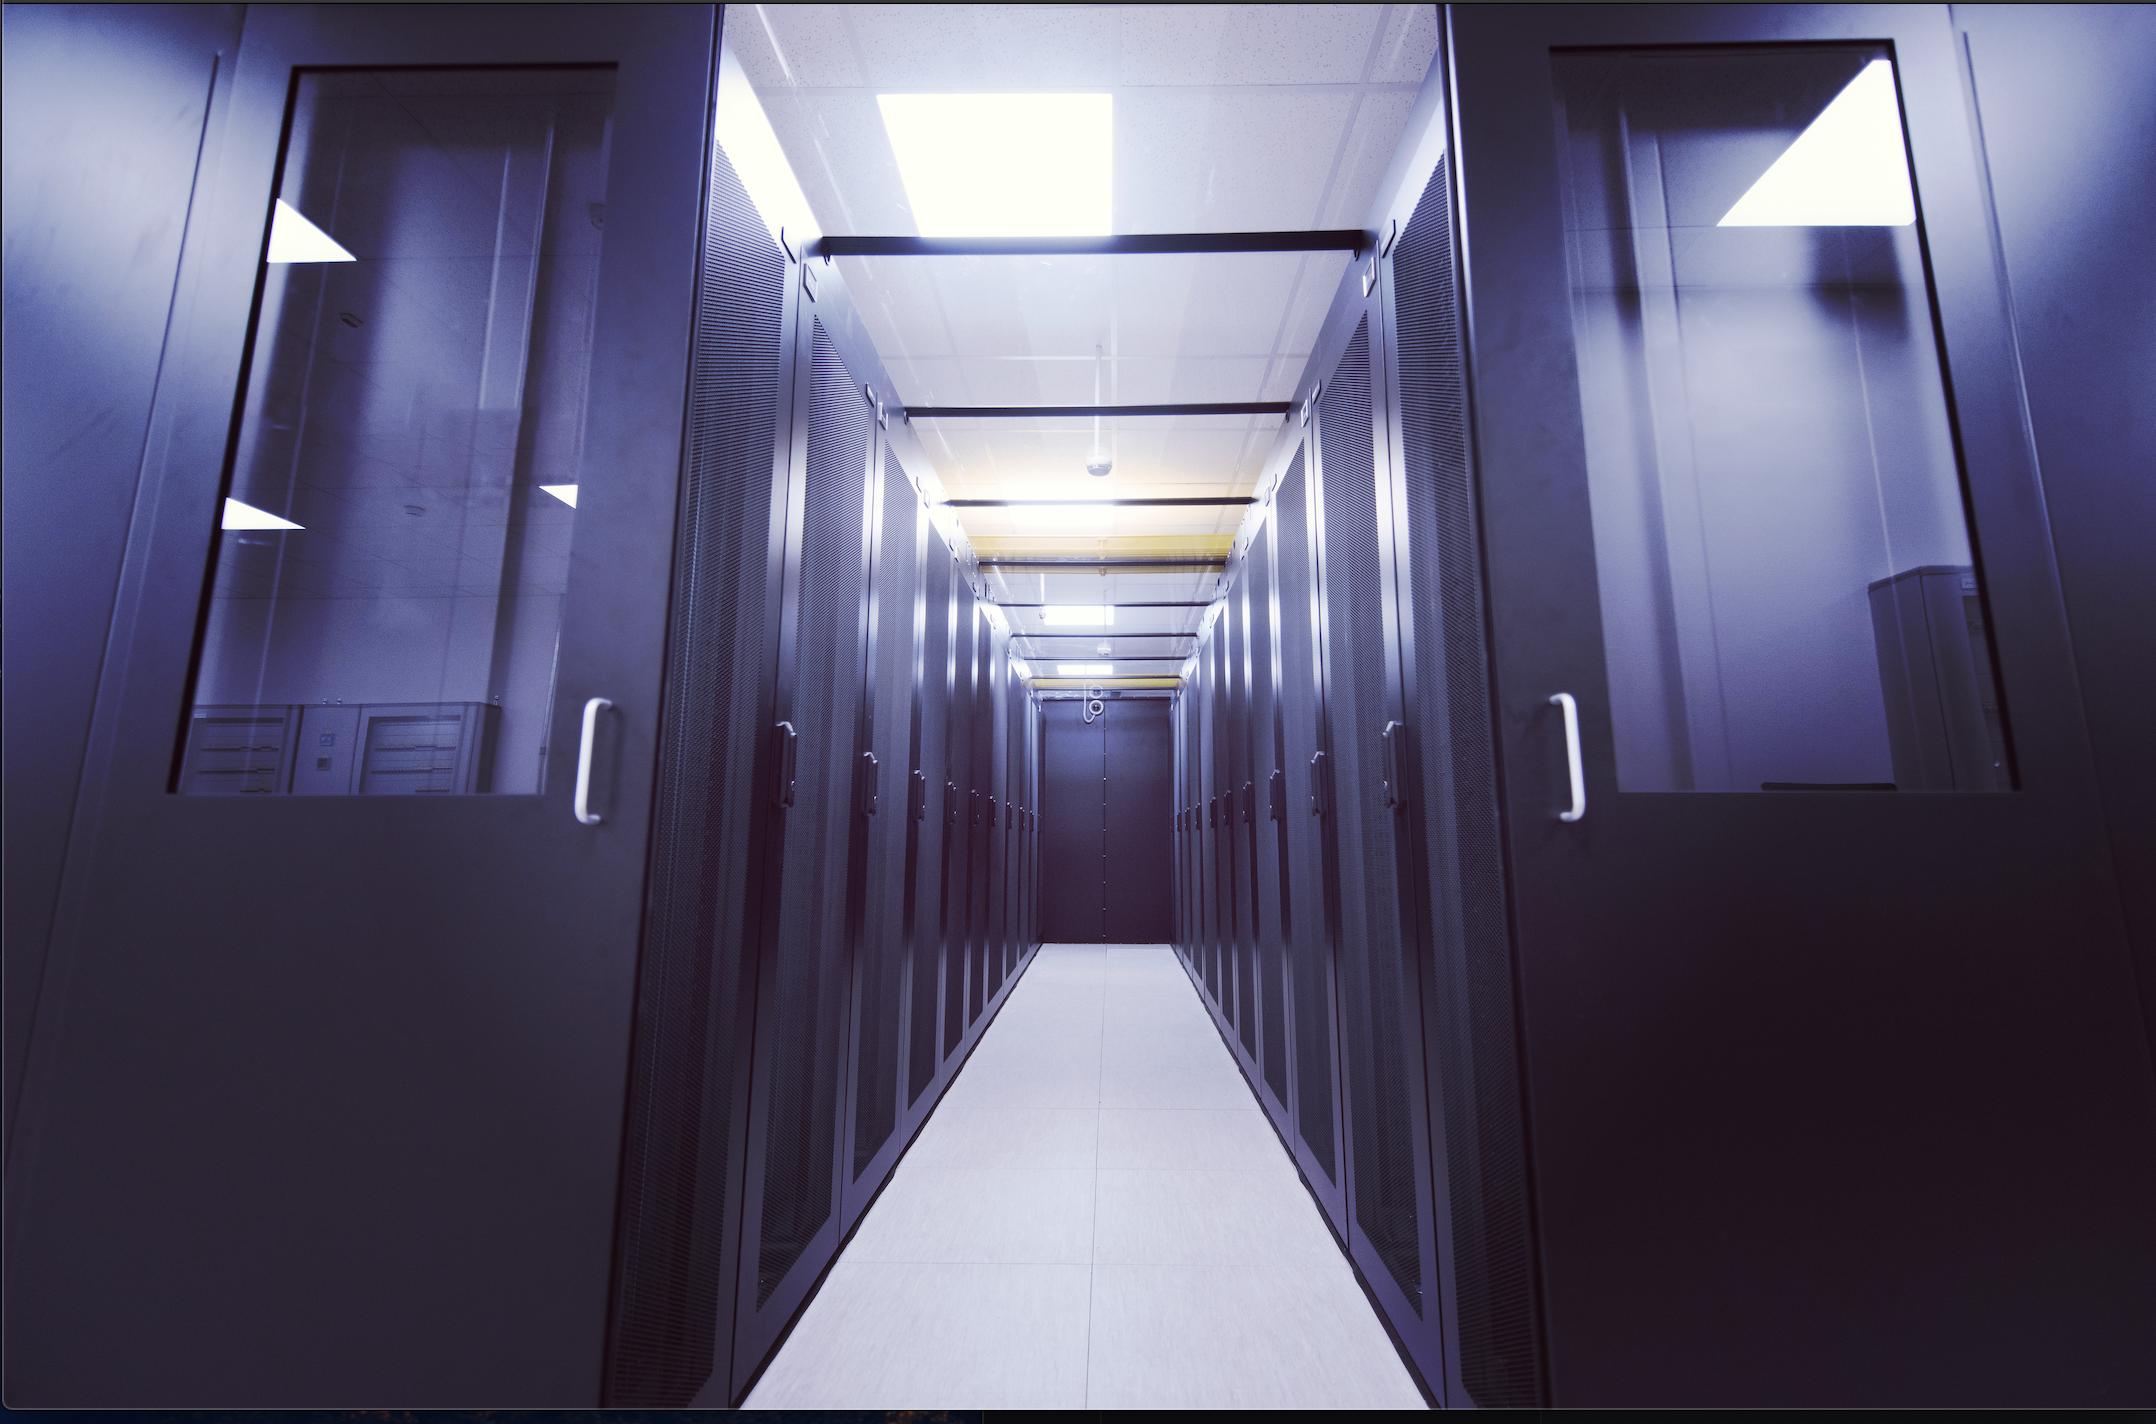 cloud migration server room